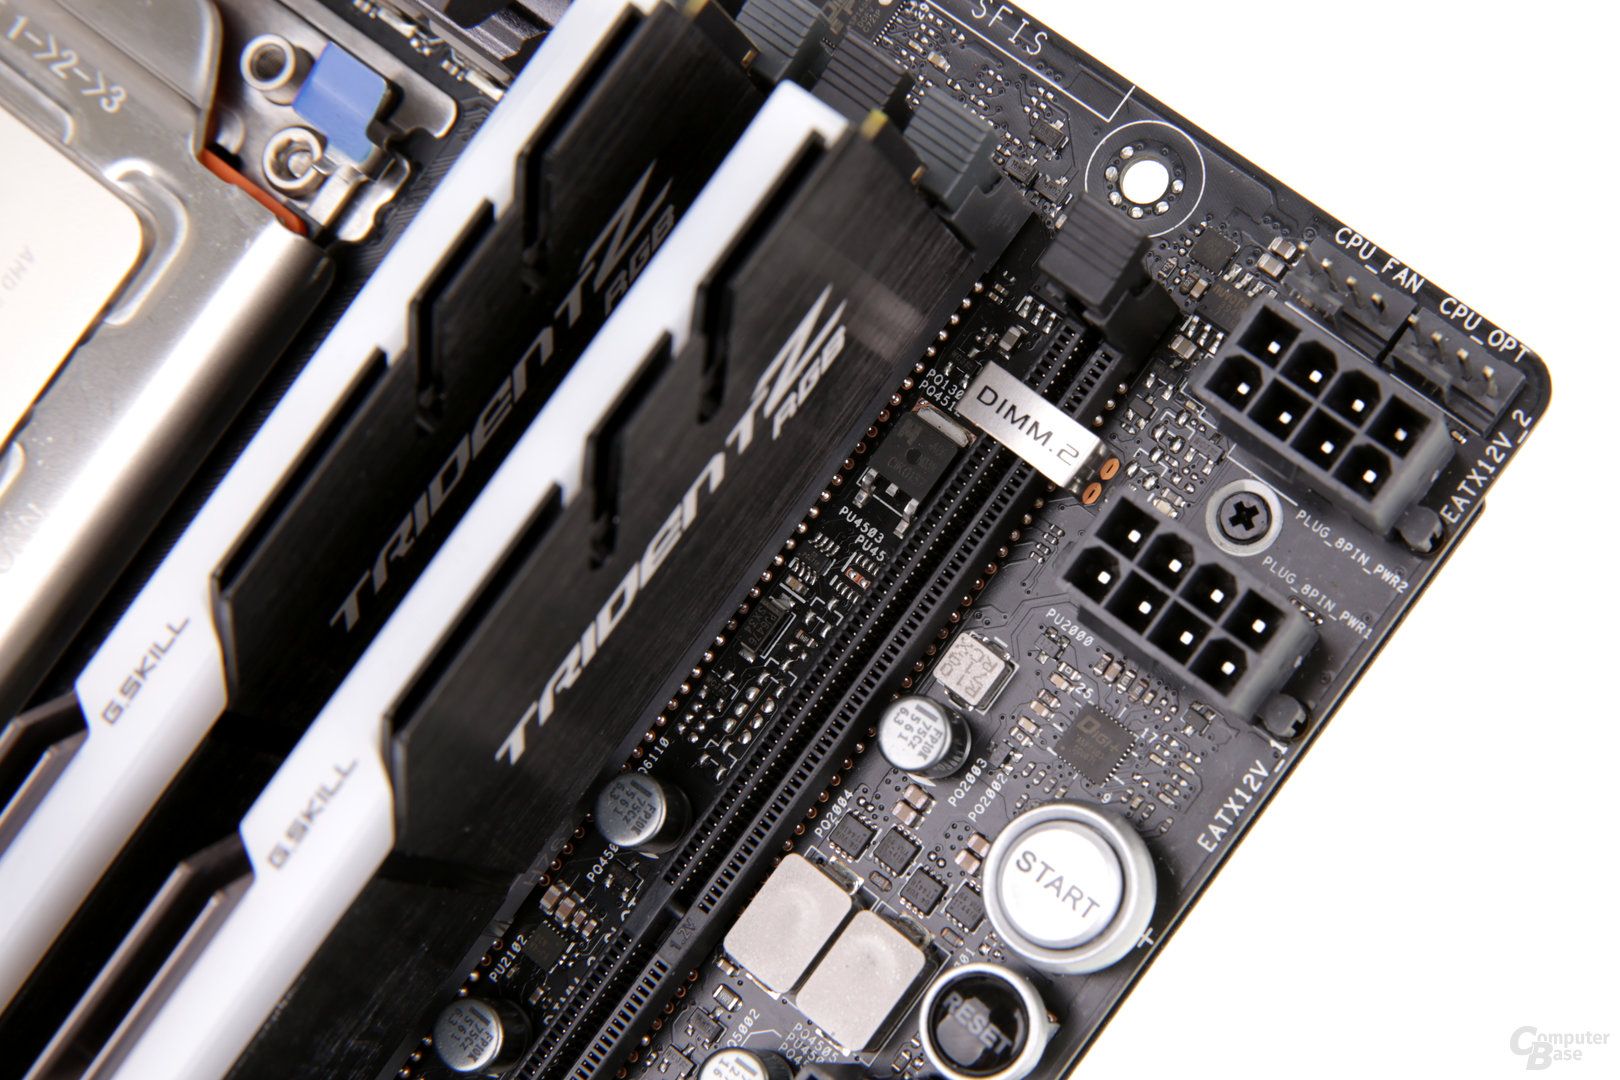 Das Asus ROG Zenith Extreme bietet zwei Mal 8 PIN für die CPU